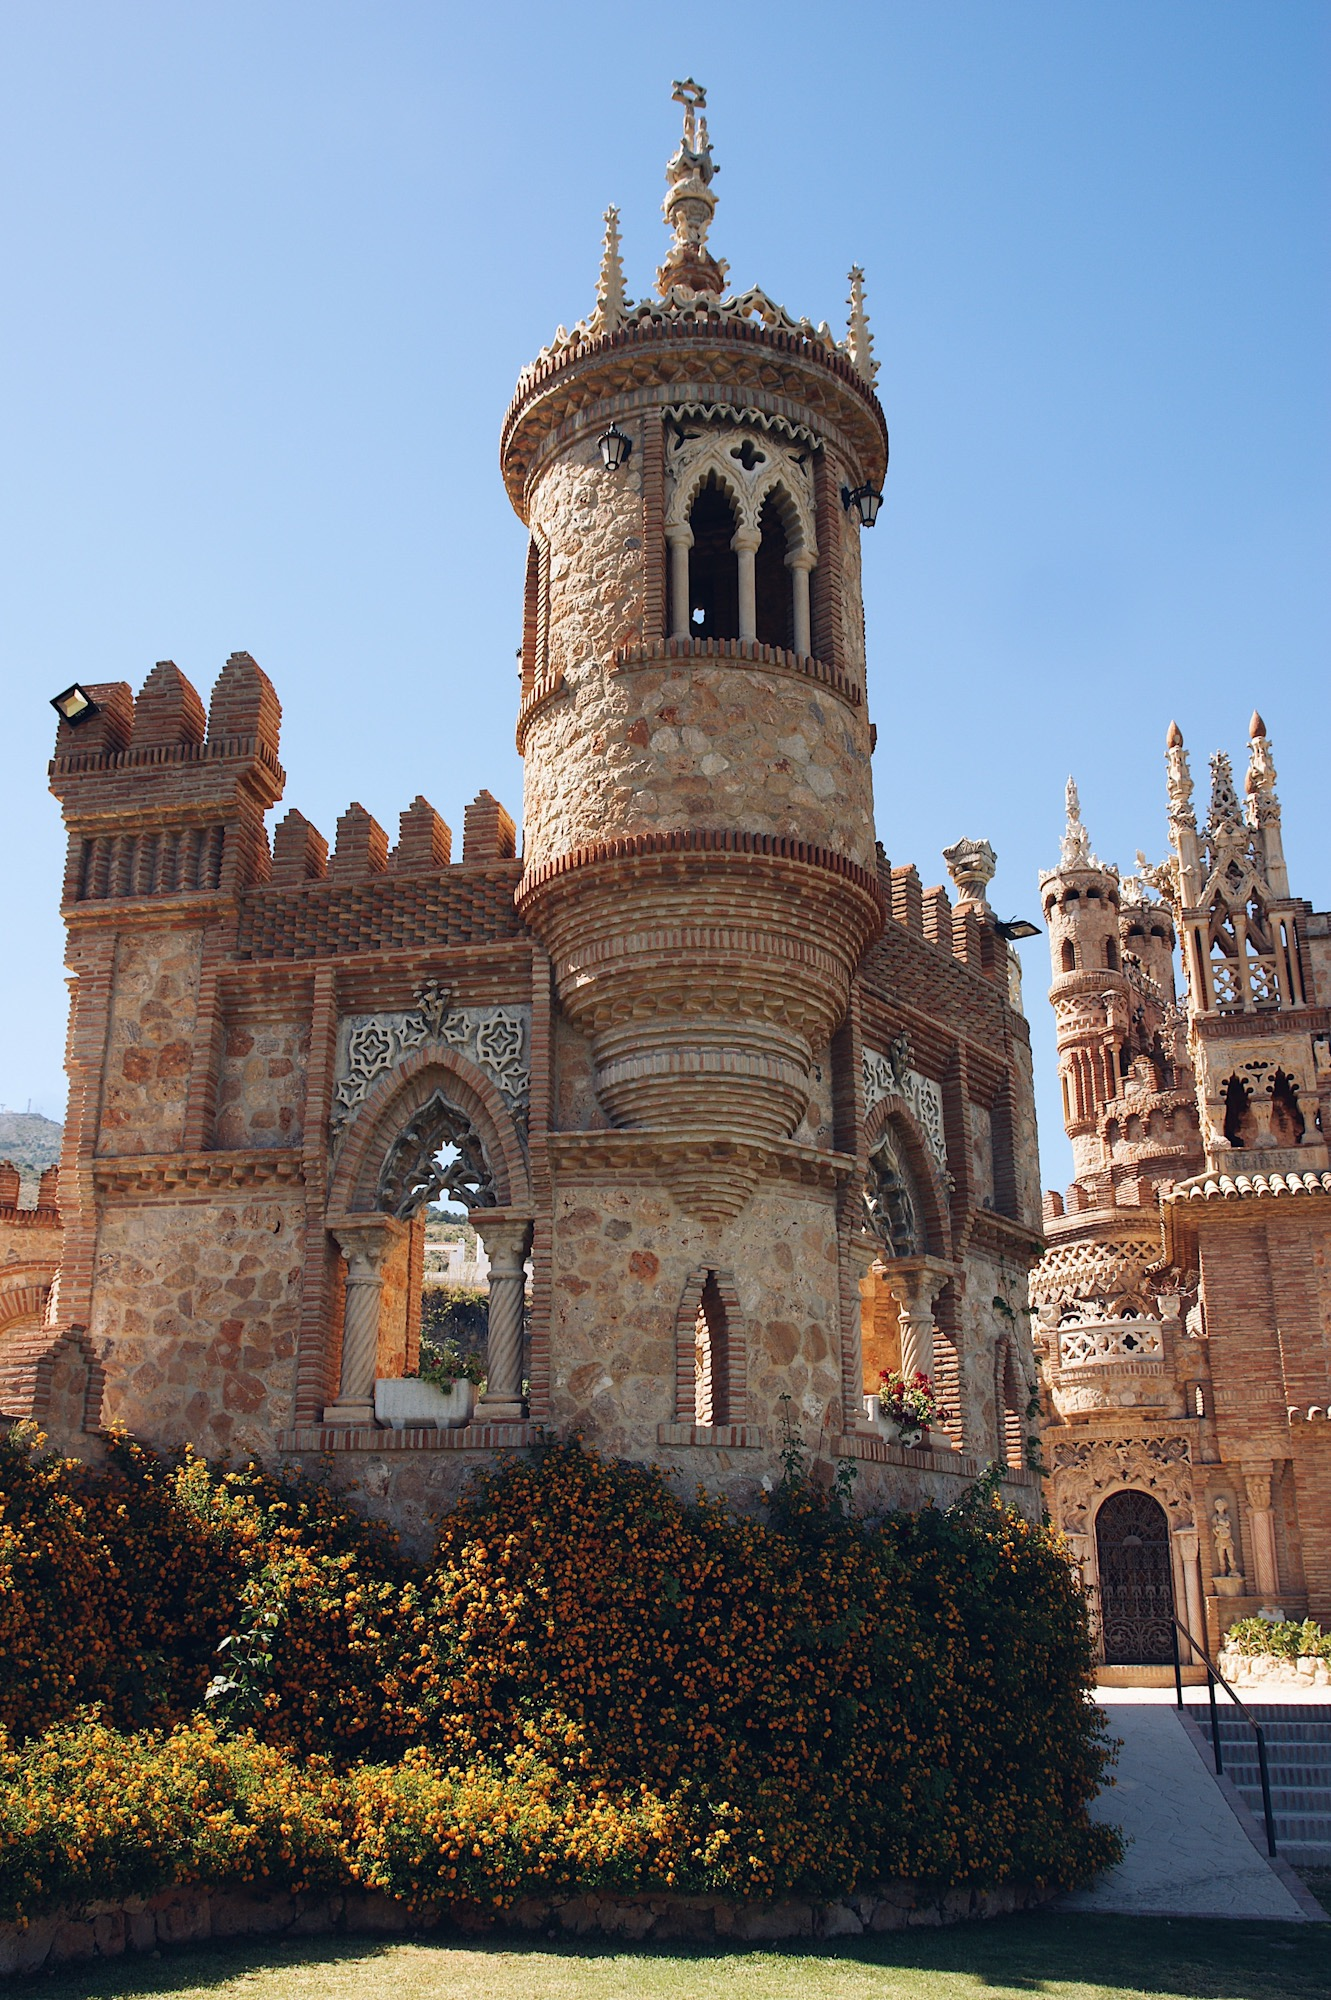 Castillo de Colomares Benalmadena